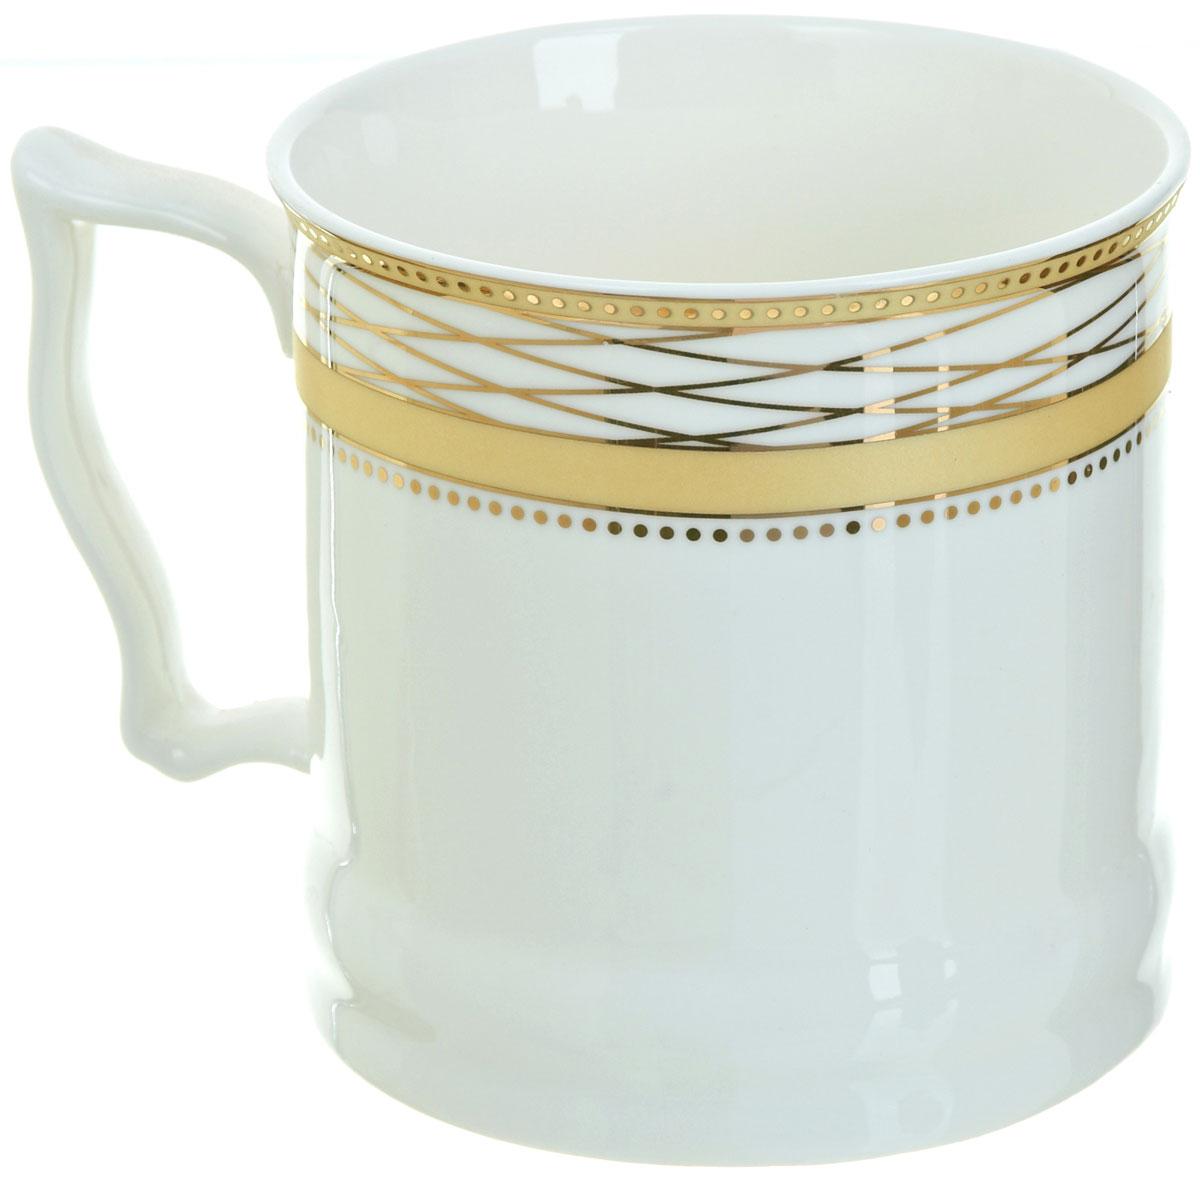 Кружка BHP Королевская кружка, 500 мл. M1870008M1870008Оригинальная кружка Best Home Porcelain, выполненная из высококачественного фарфора, сочетает в себе простой, утонченный дизайн с максимальной функциональностью. Оригинальность оформления придутся по вкусу тем, кто ценит индивидуальность. В комплект входит кружка. Можно использовать в ПММ.